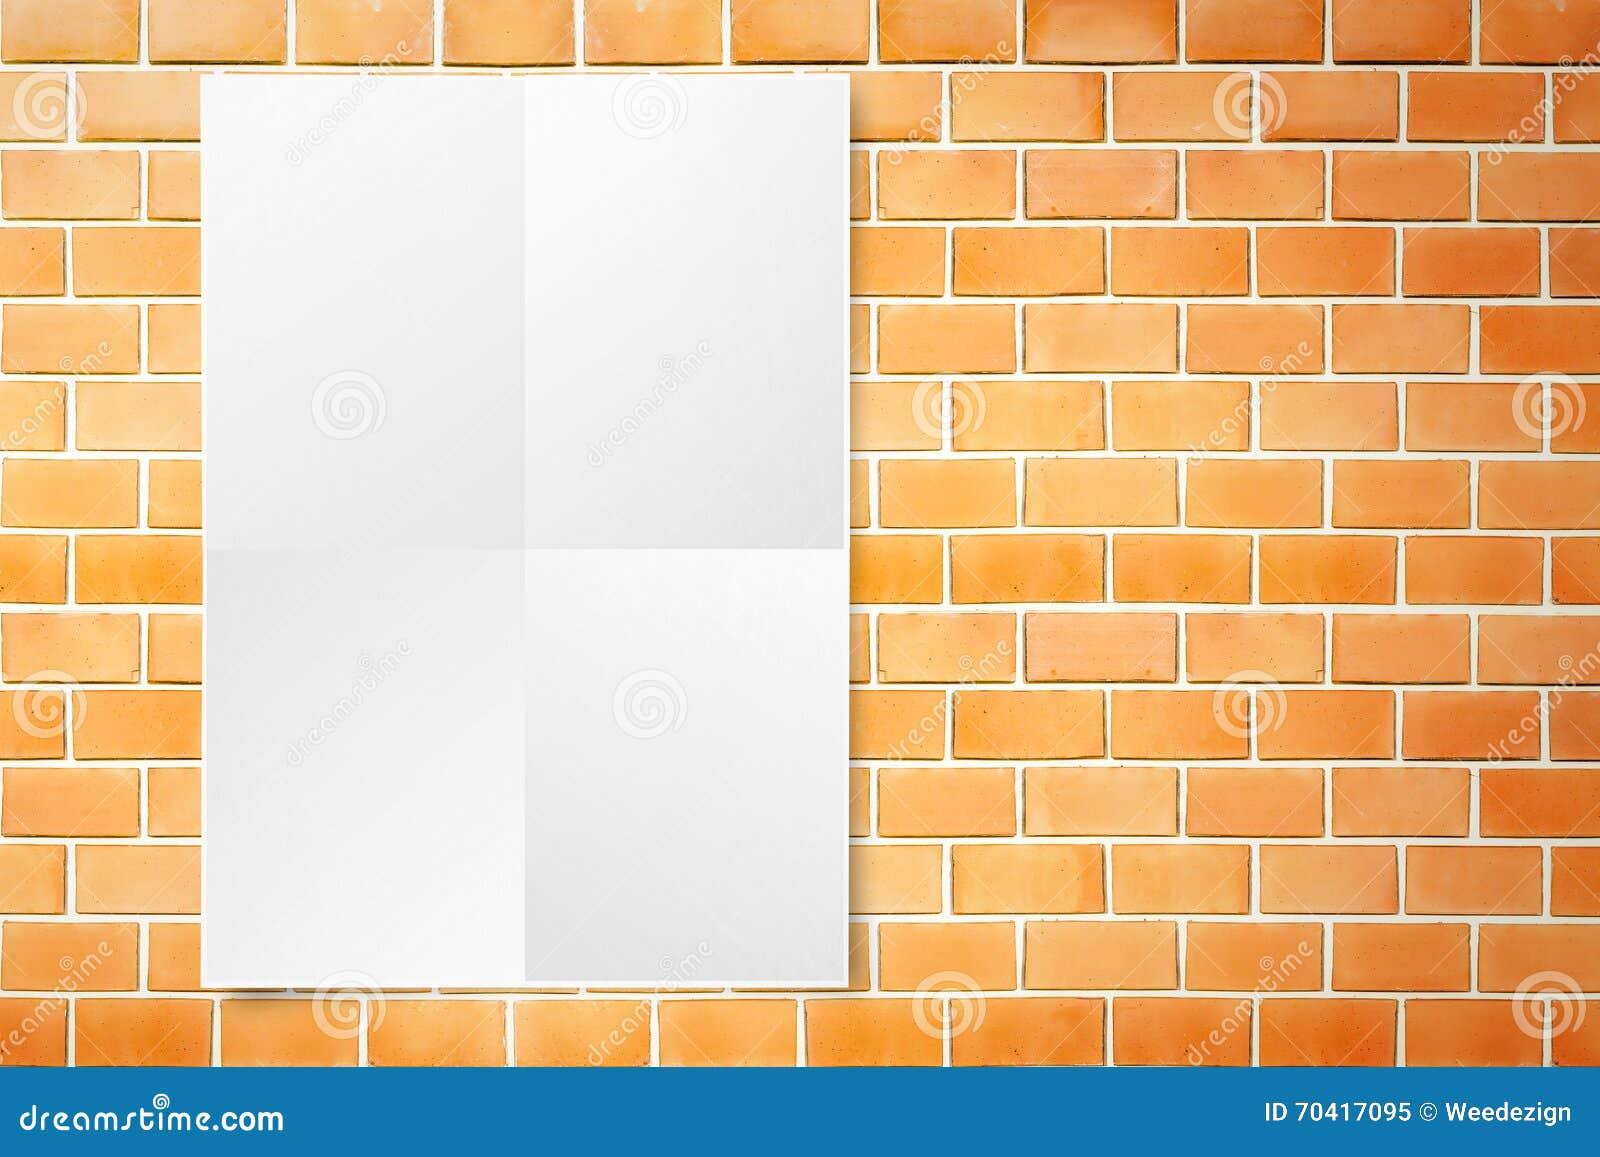 Black white paper poster hanging at grunge orange brick wall.